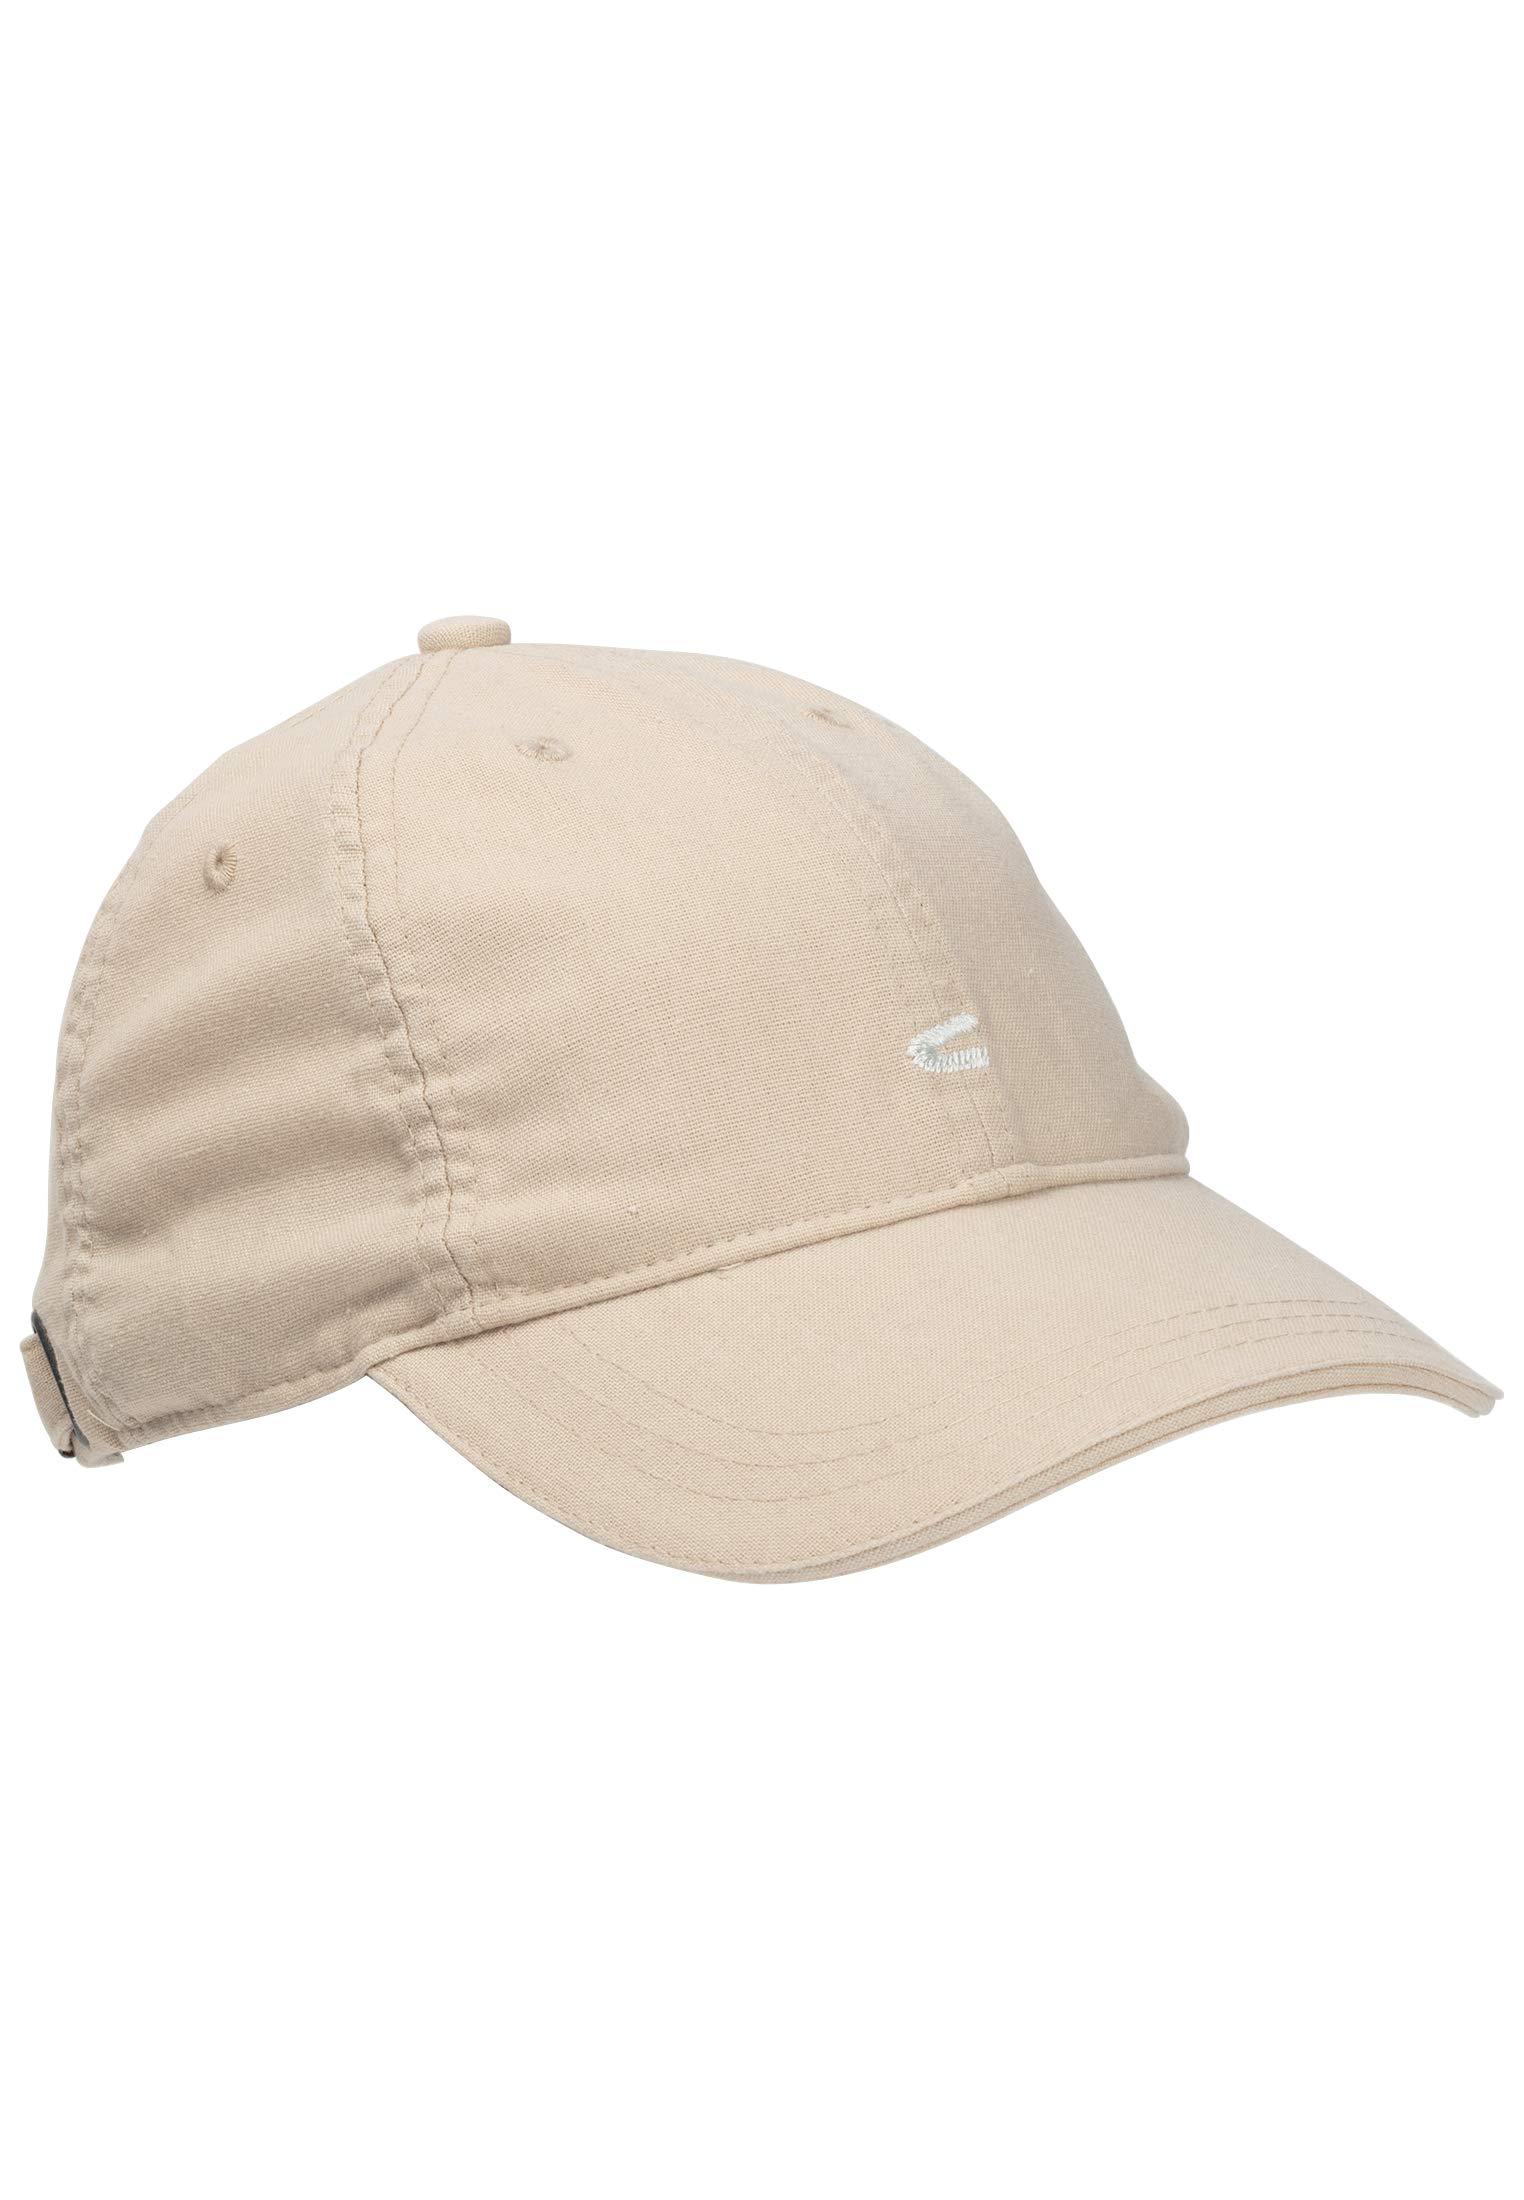 Camel Active Mütze/Stirnband beige